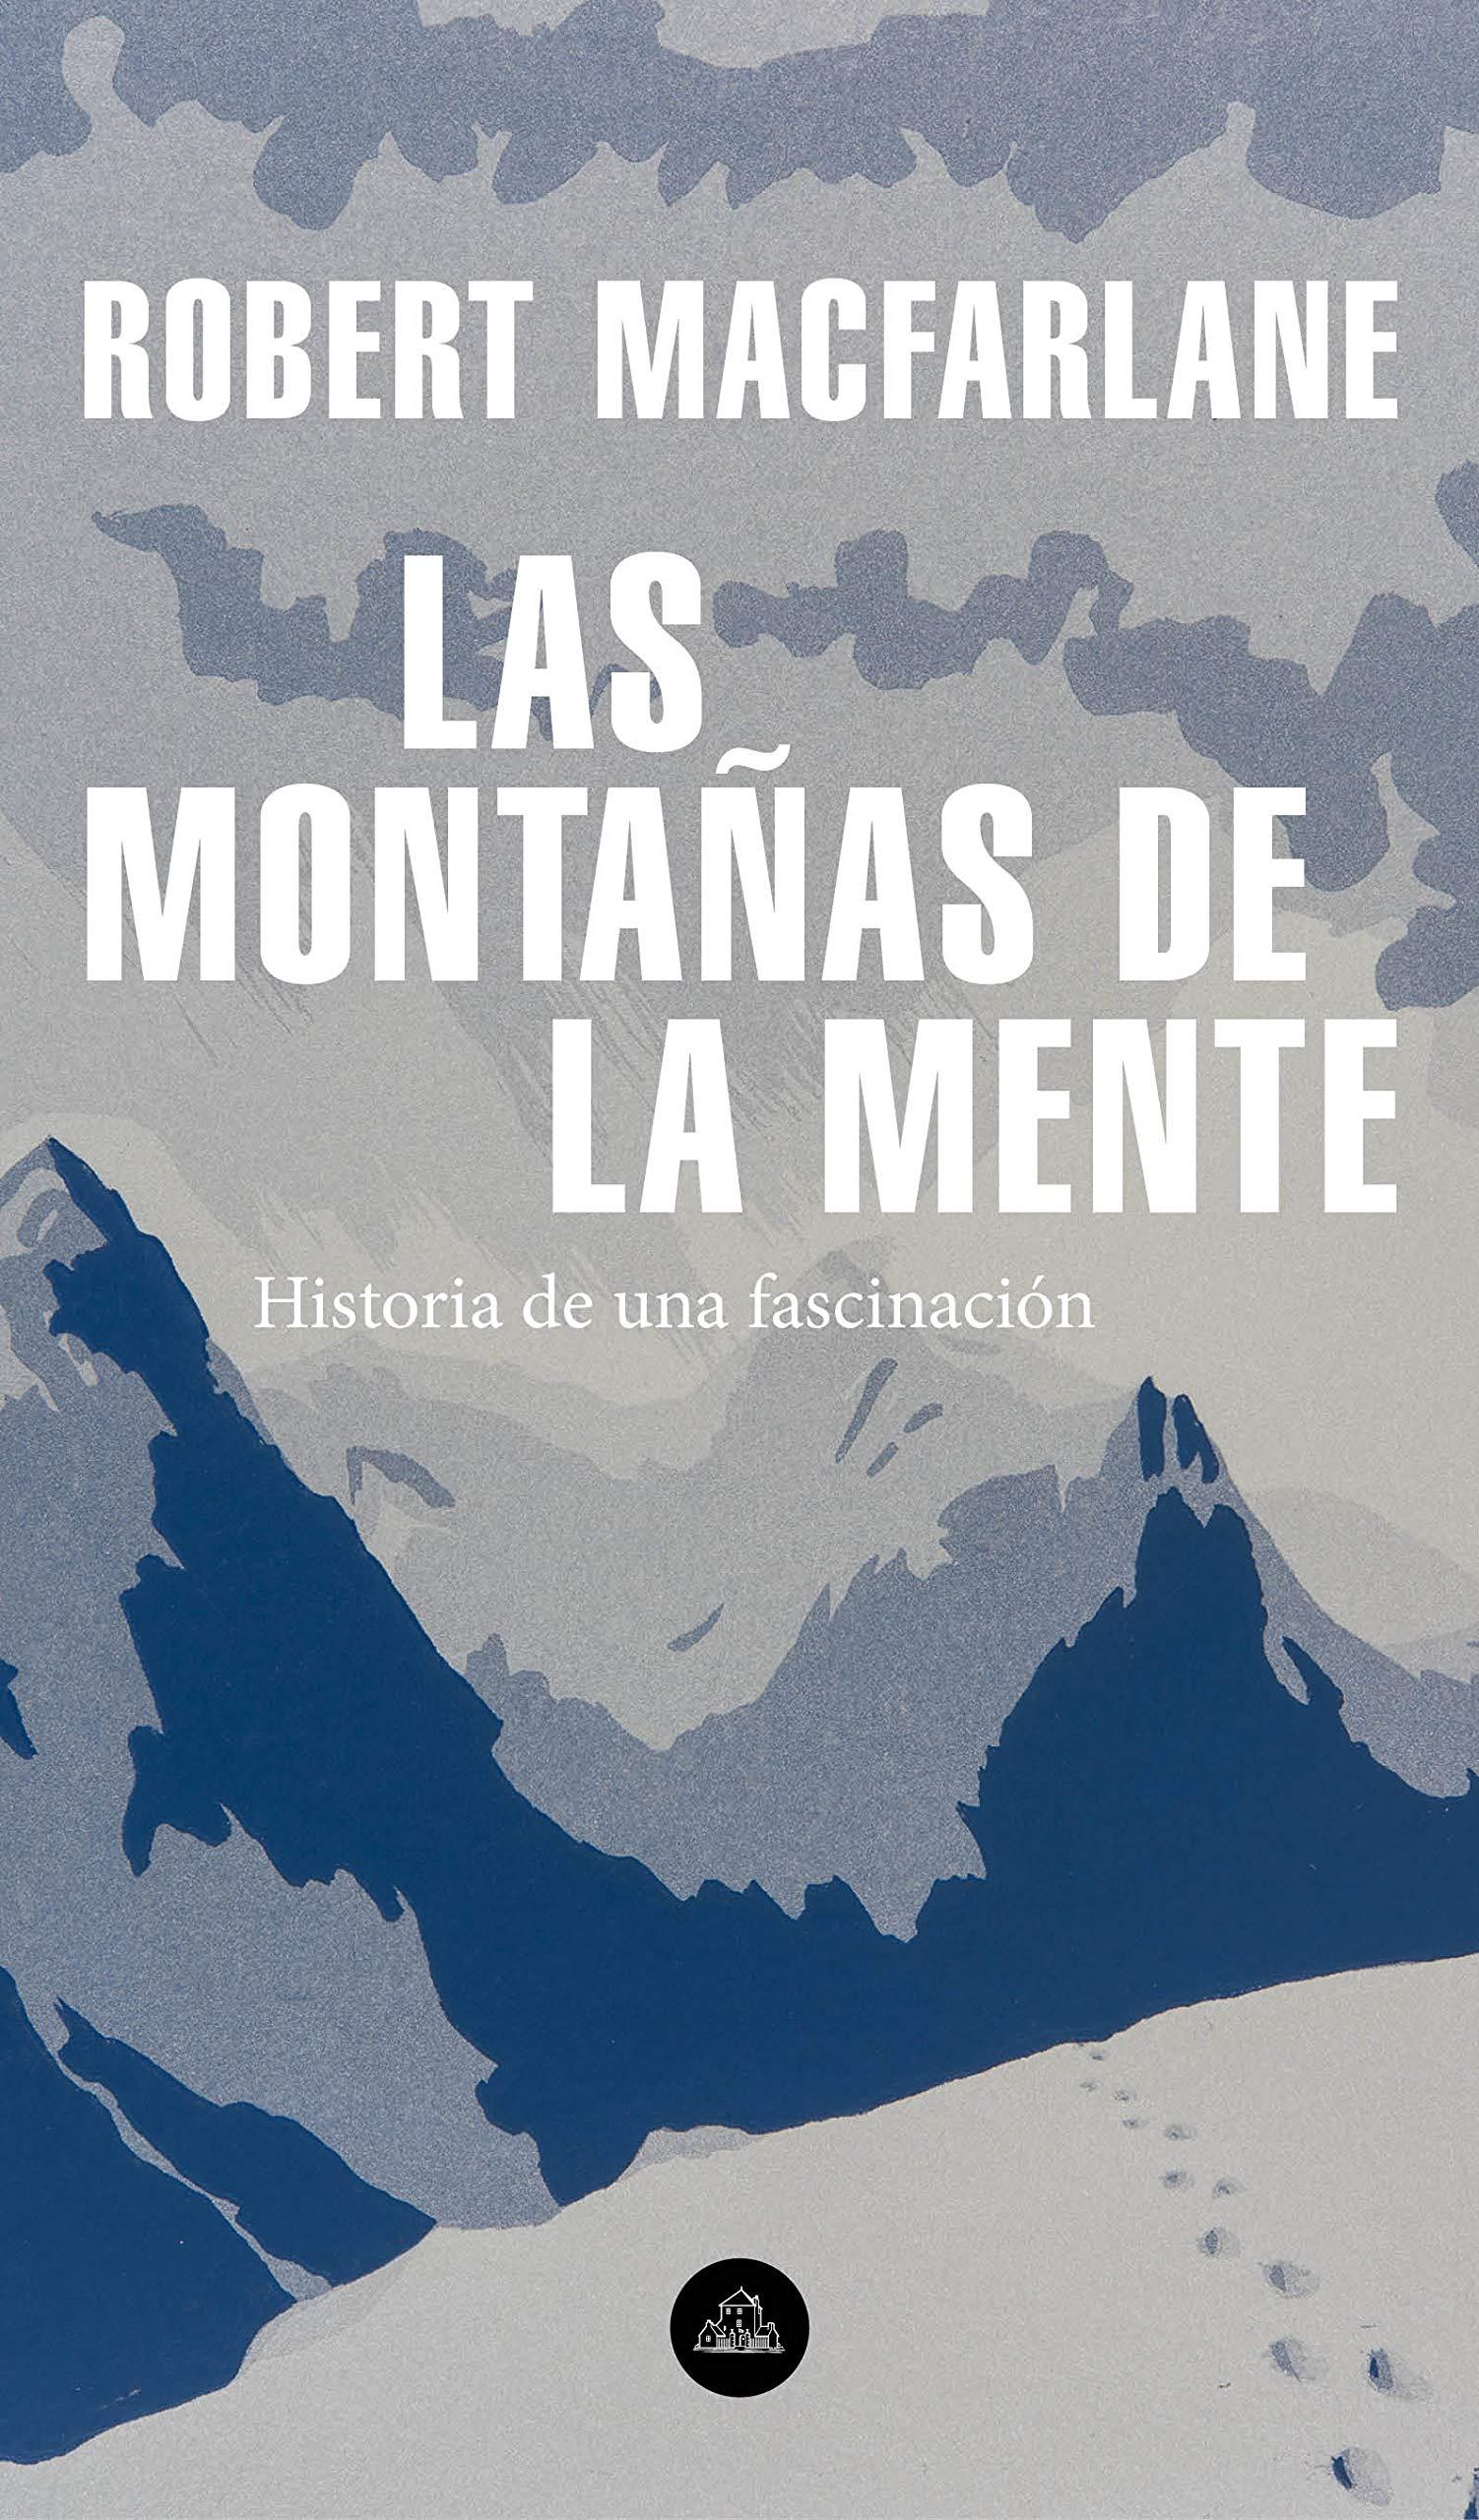 Las montañas de la mente: Historia de una fascinación por Robert Macfarlane